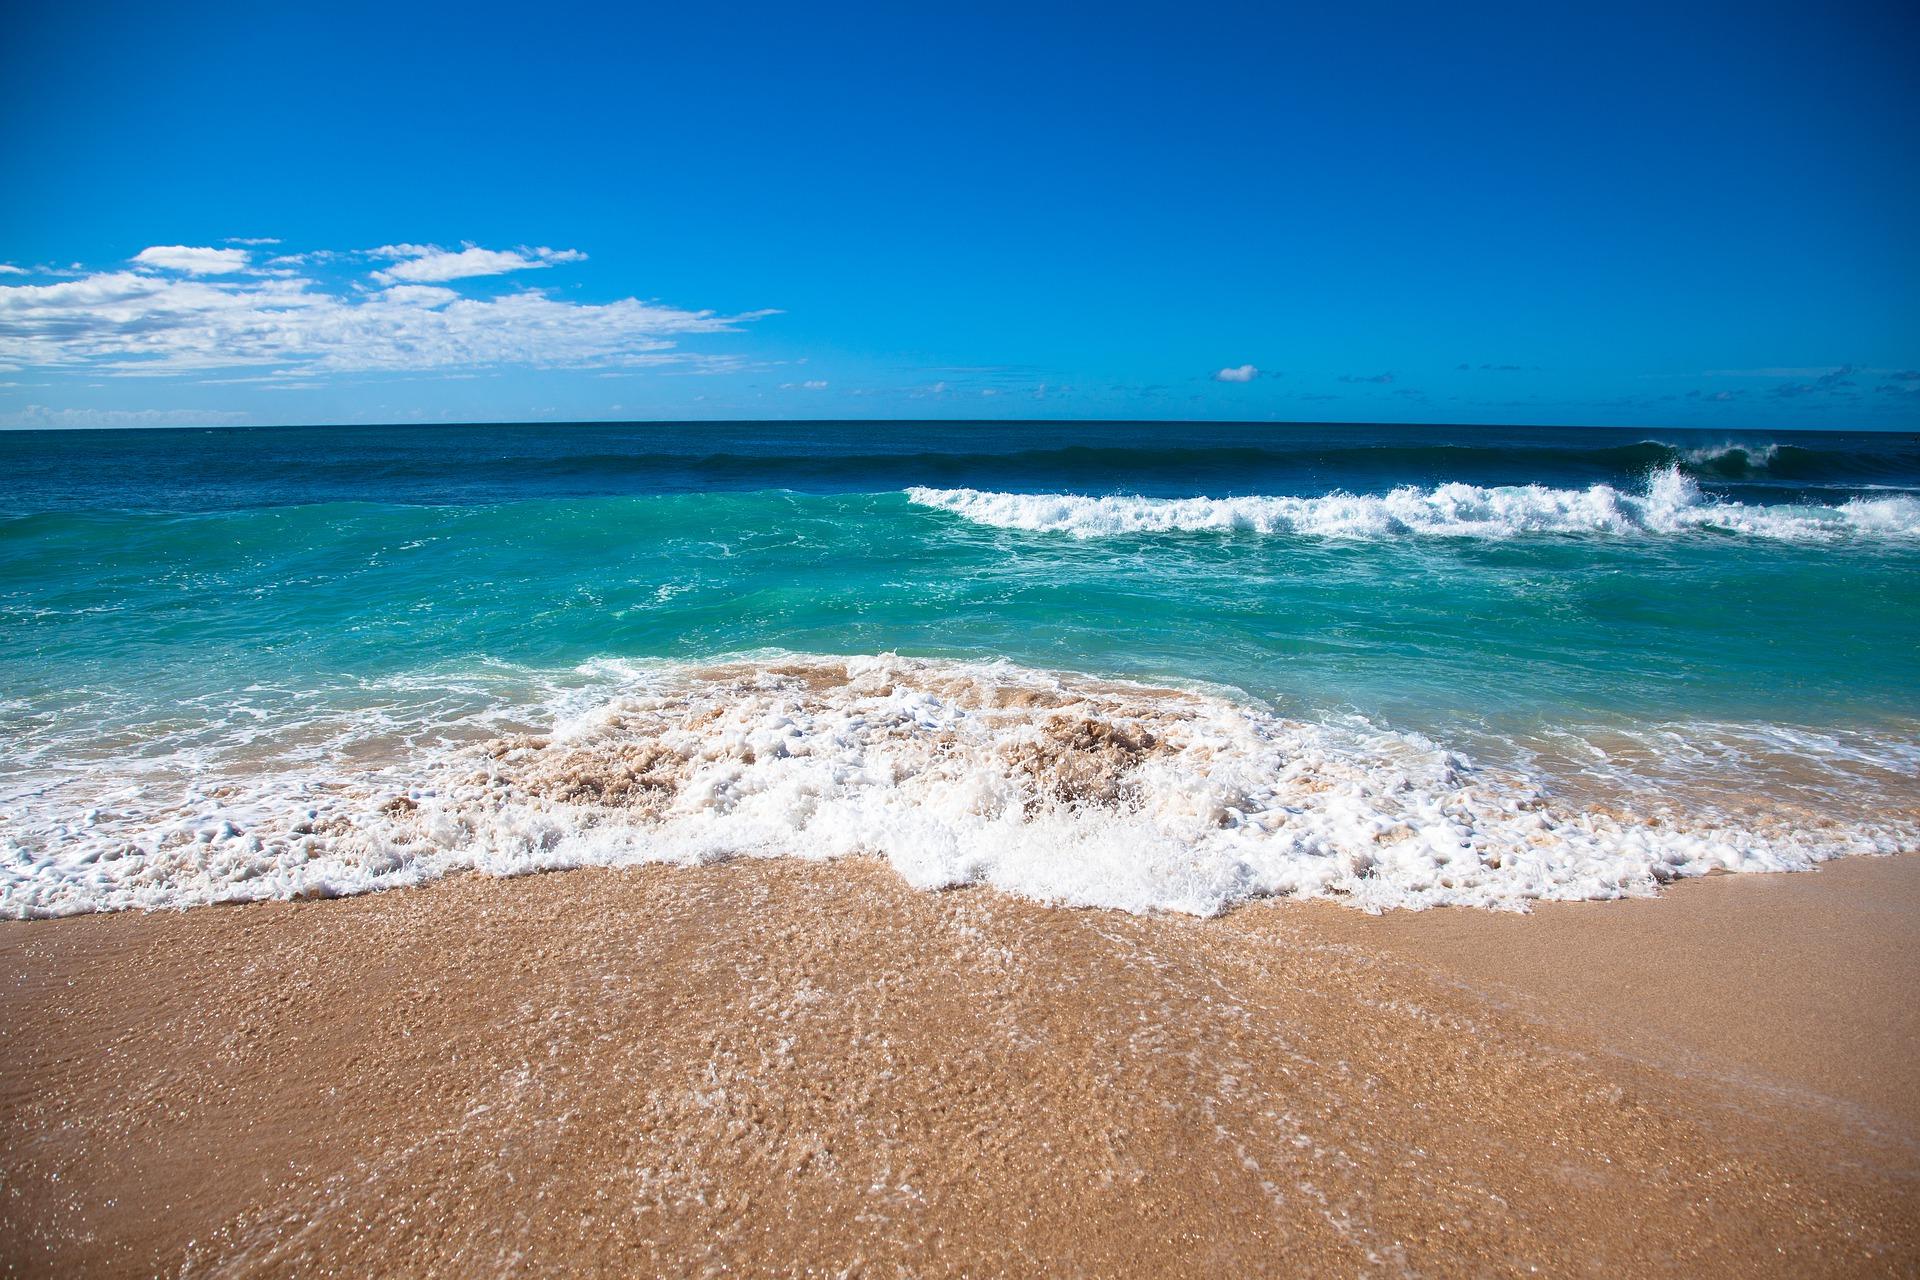 hawaii beach waves